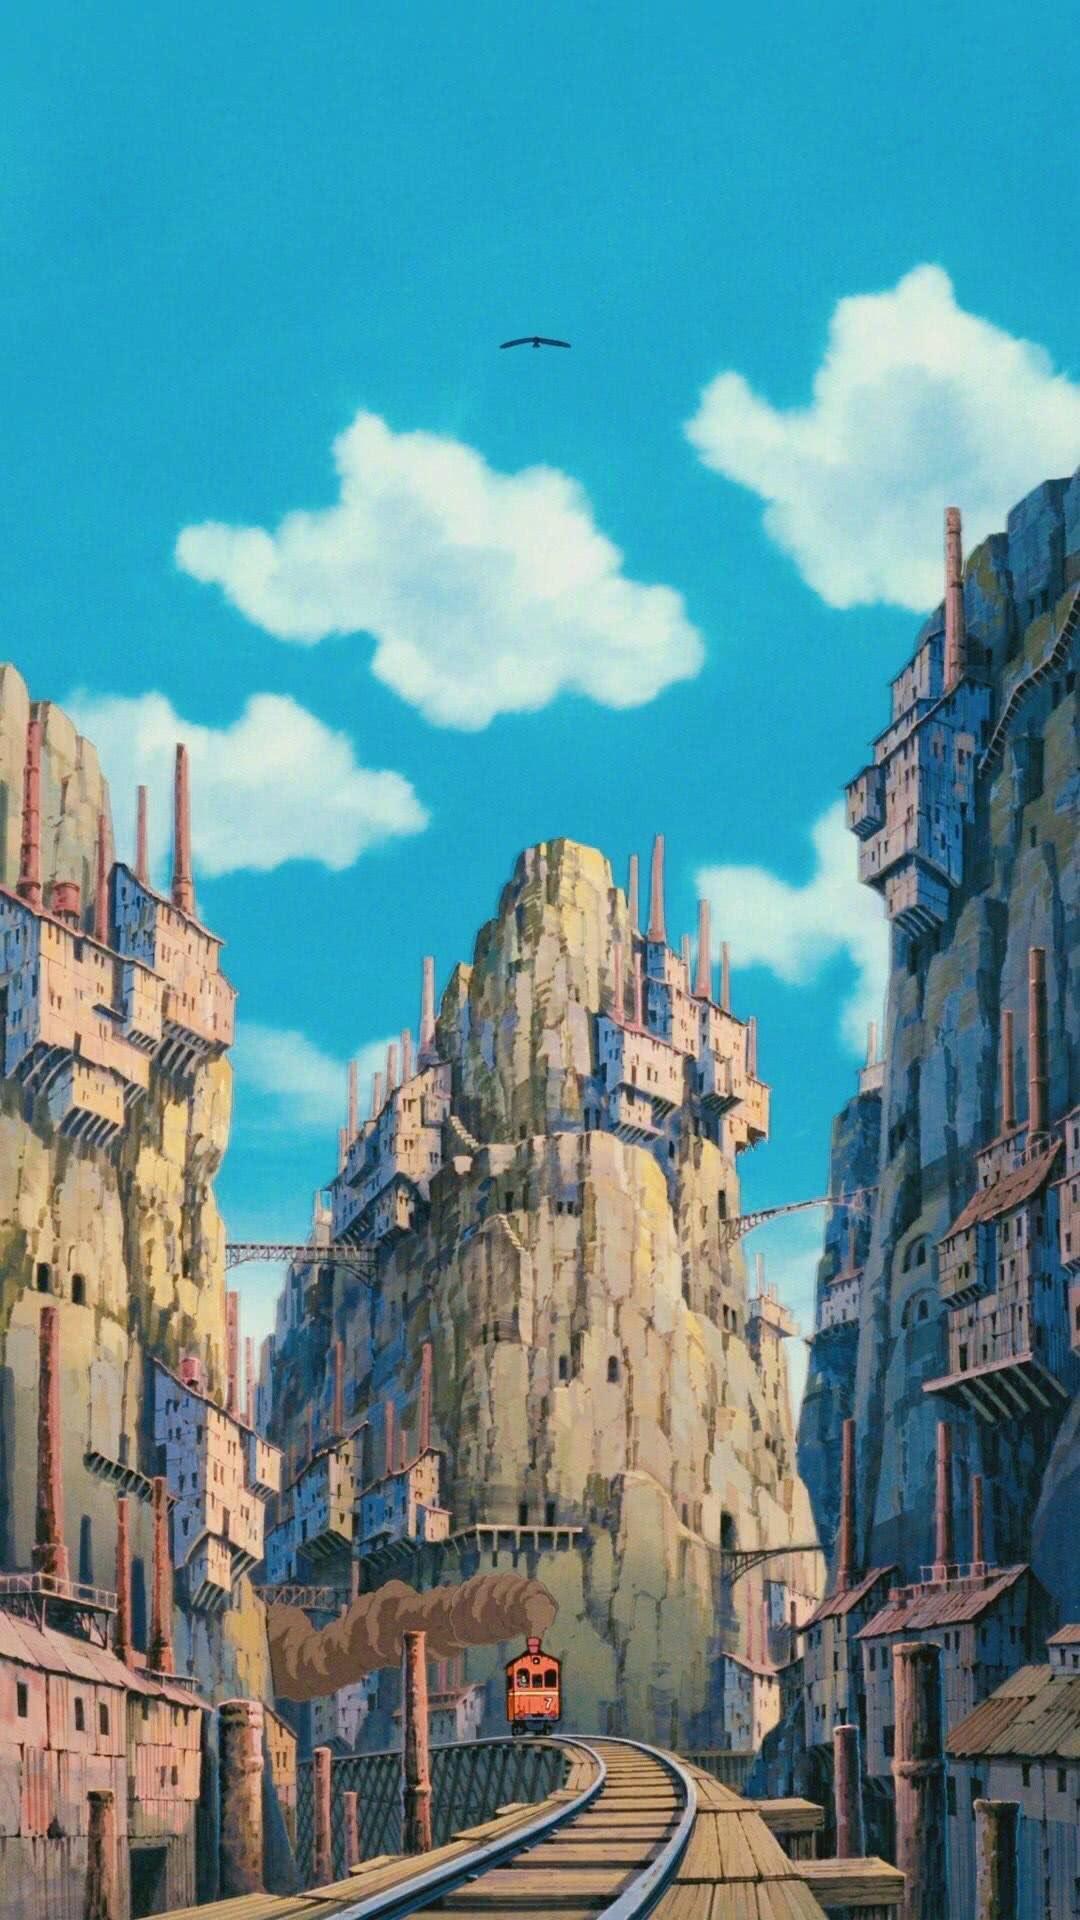 宫崎骏动漫场景原画高清手机桌面壁纸